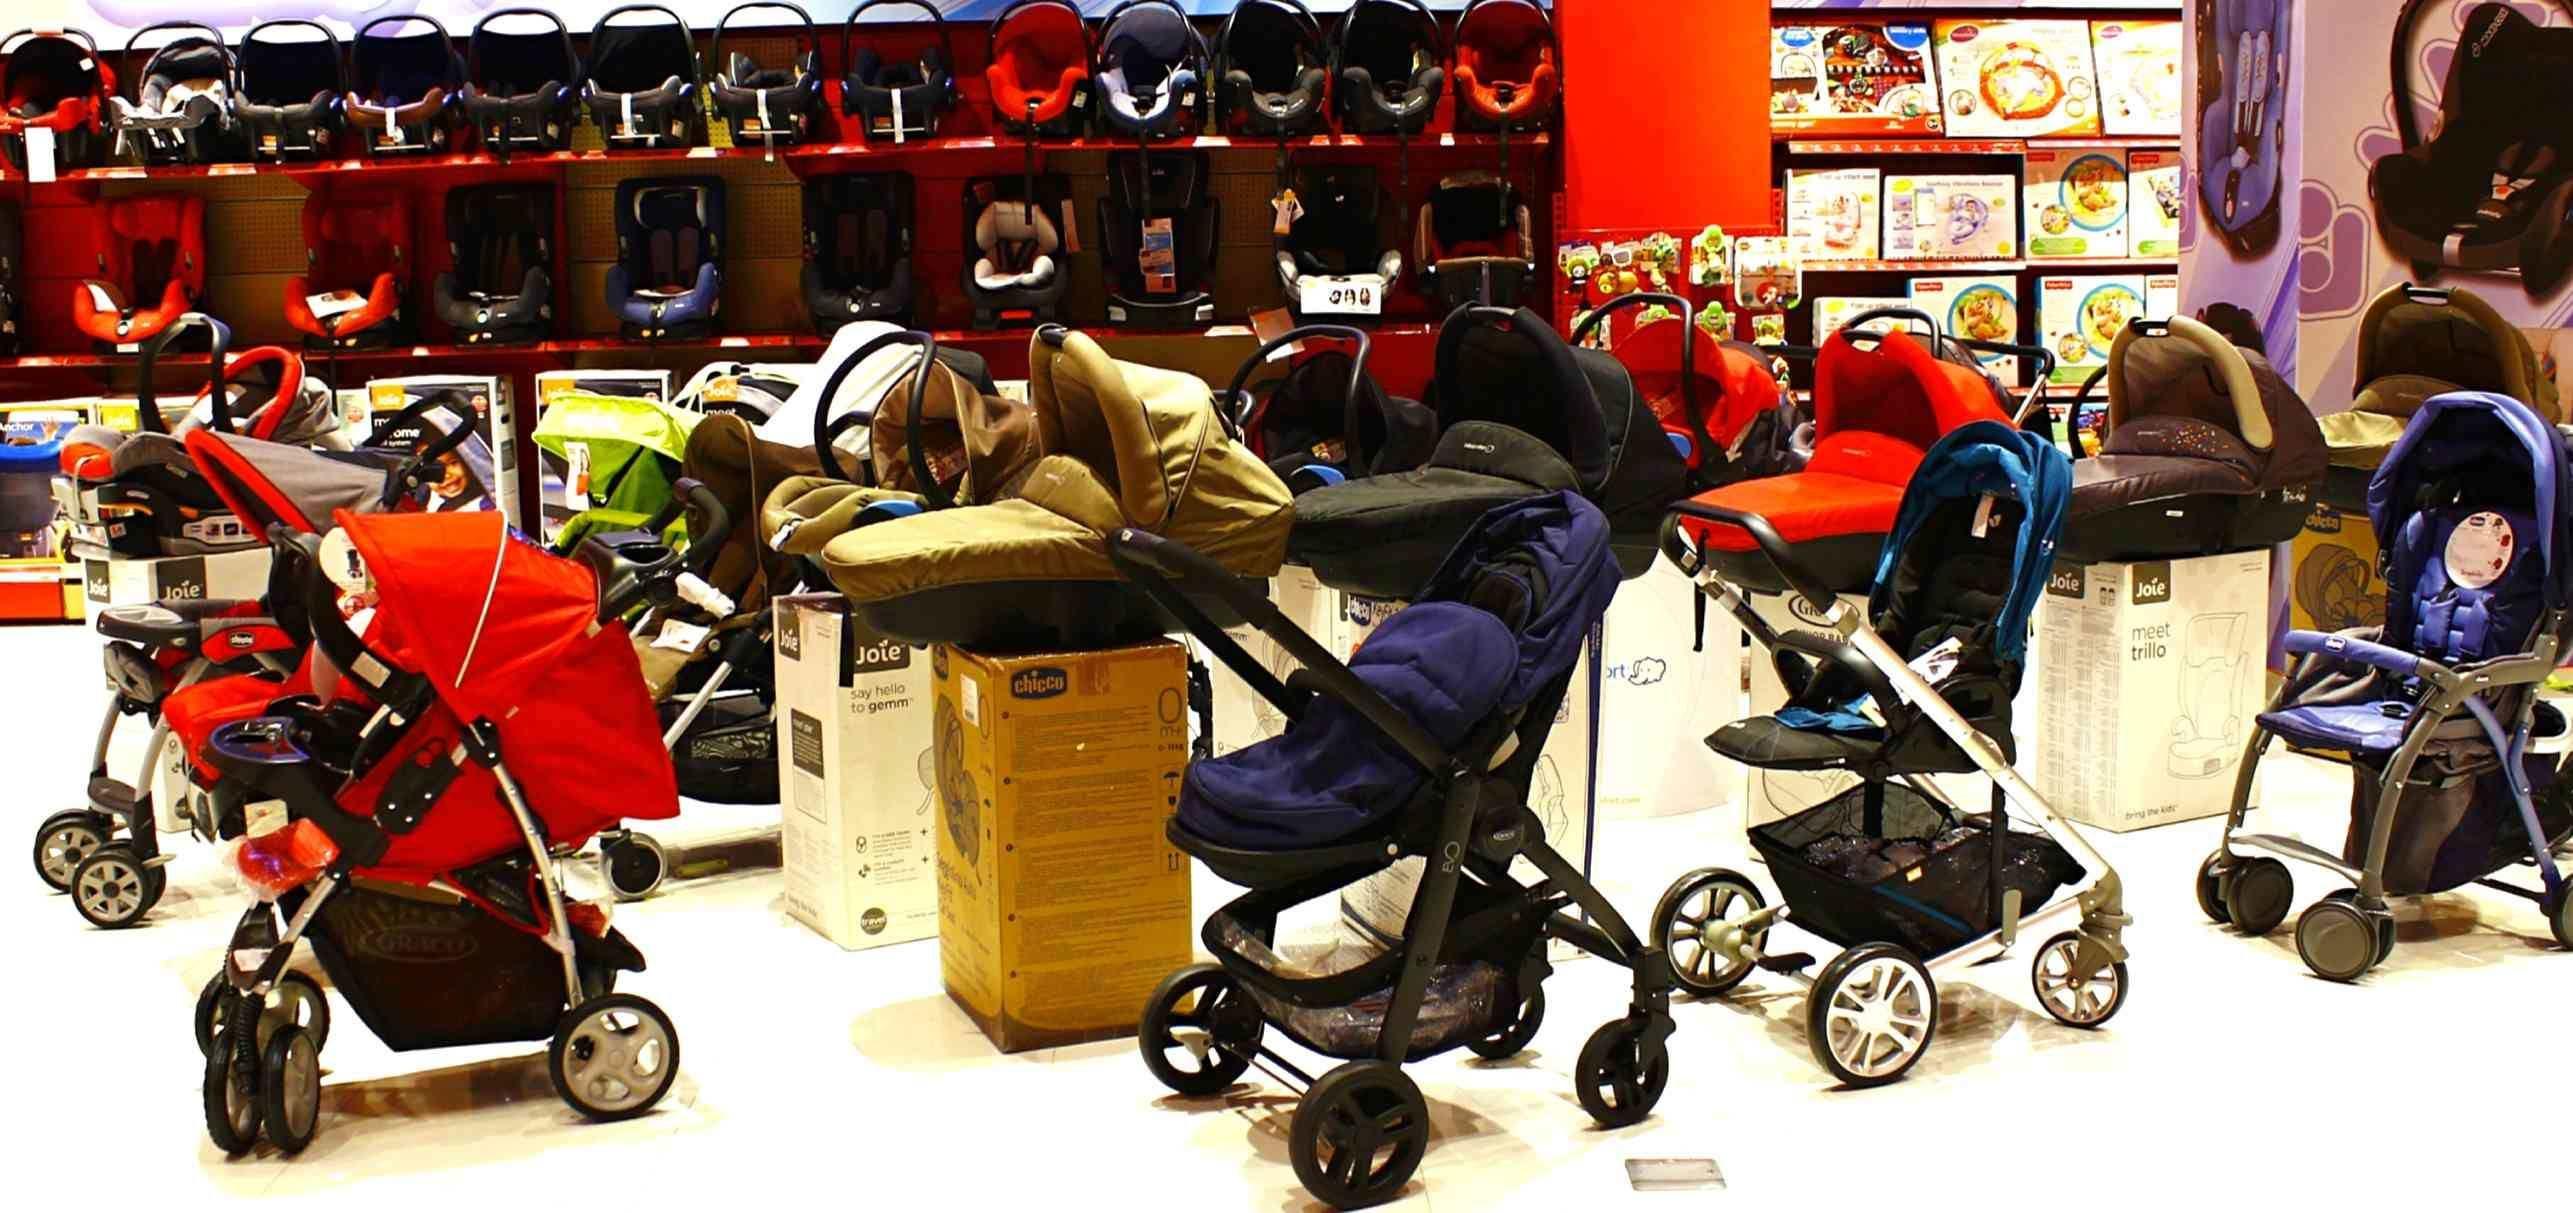 ازاى تختارى البوسيت او السترولر Baby Strollers Stroller Children